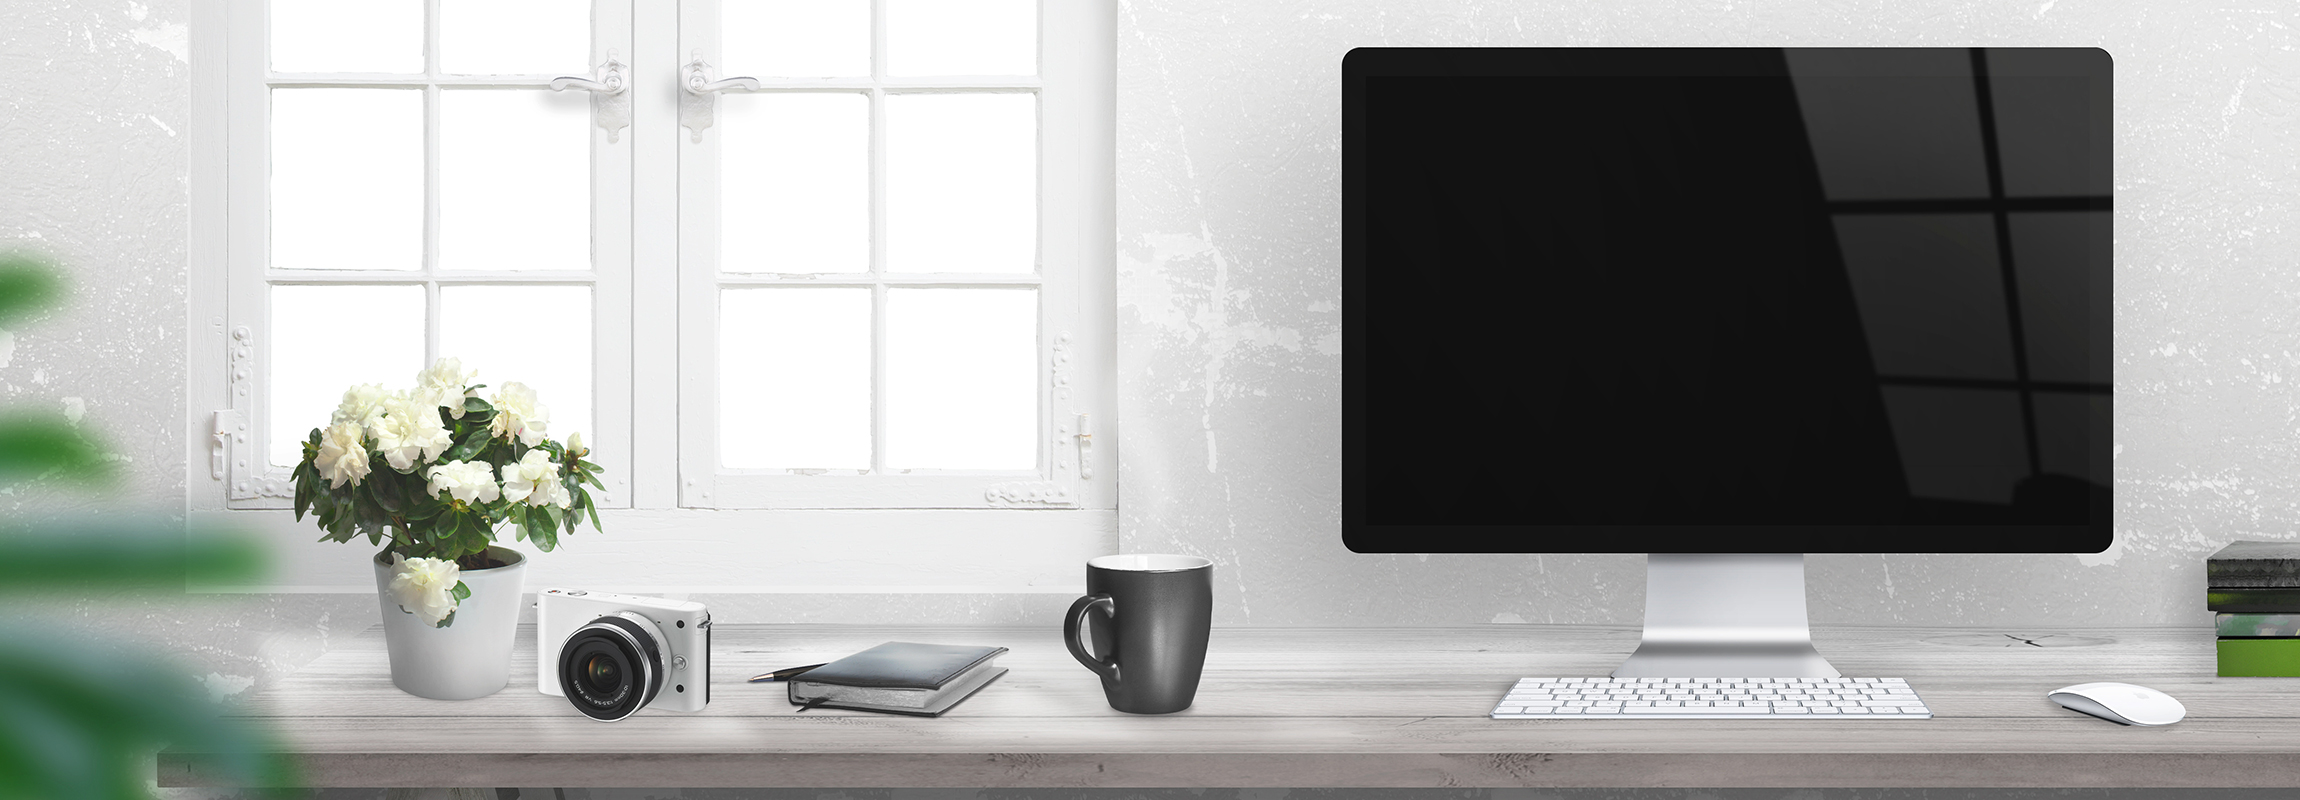 お見積もりフォーム|長野市・松本市・東京都・金沢市でホームページ制作・各種印刷物グラフィックデザイン デザイン会社&デザイン事務所アプリコットデザイン